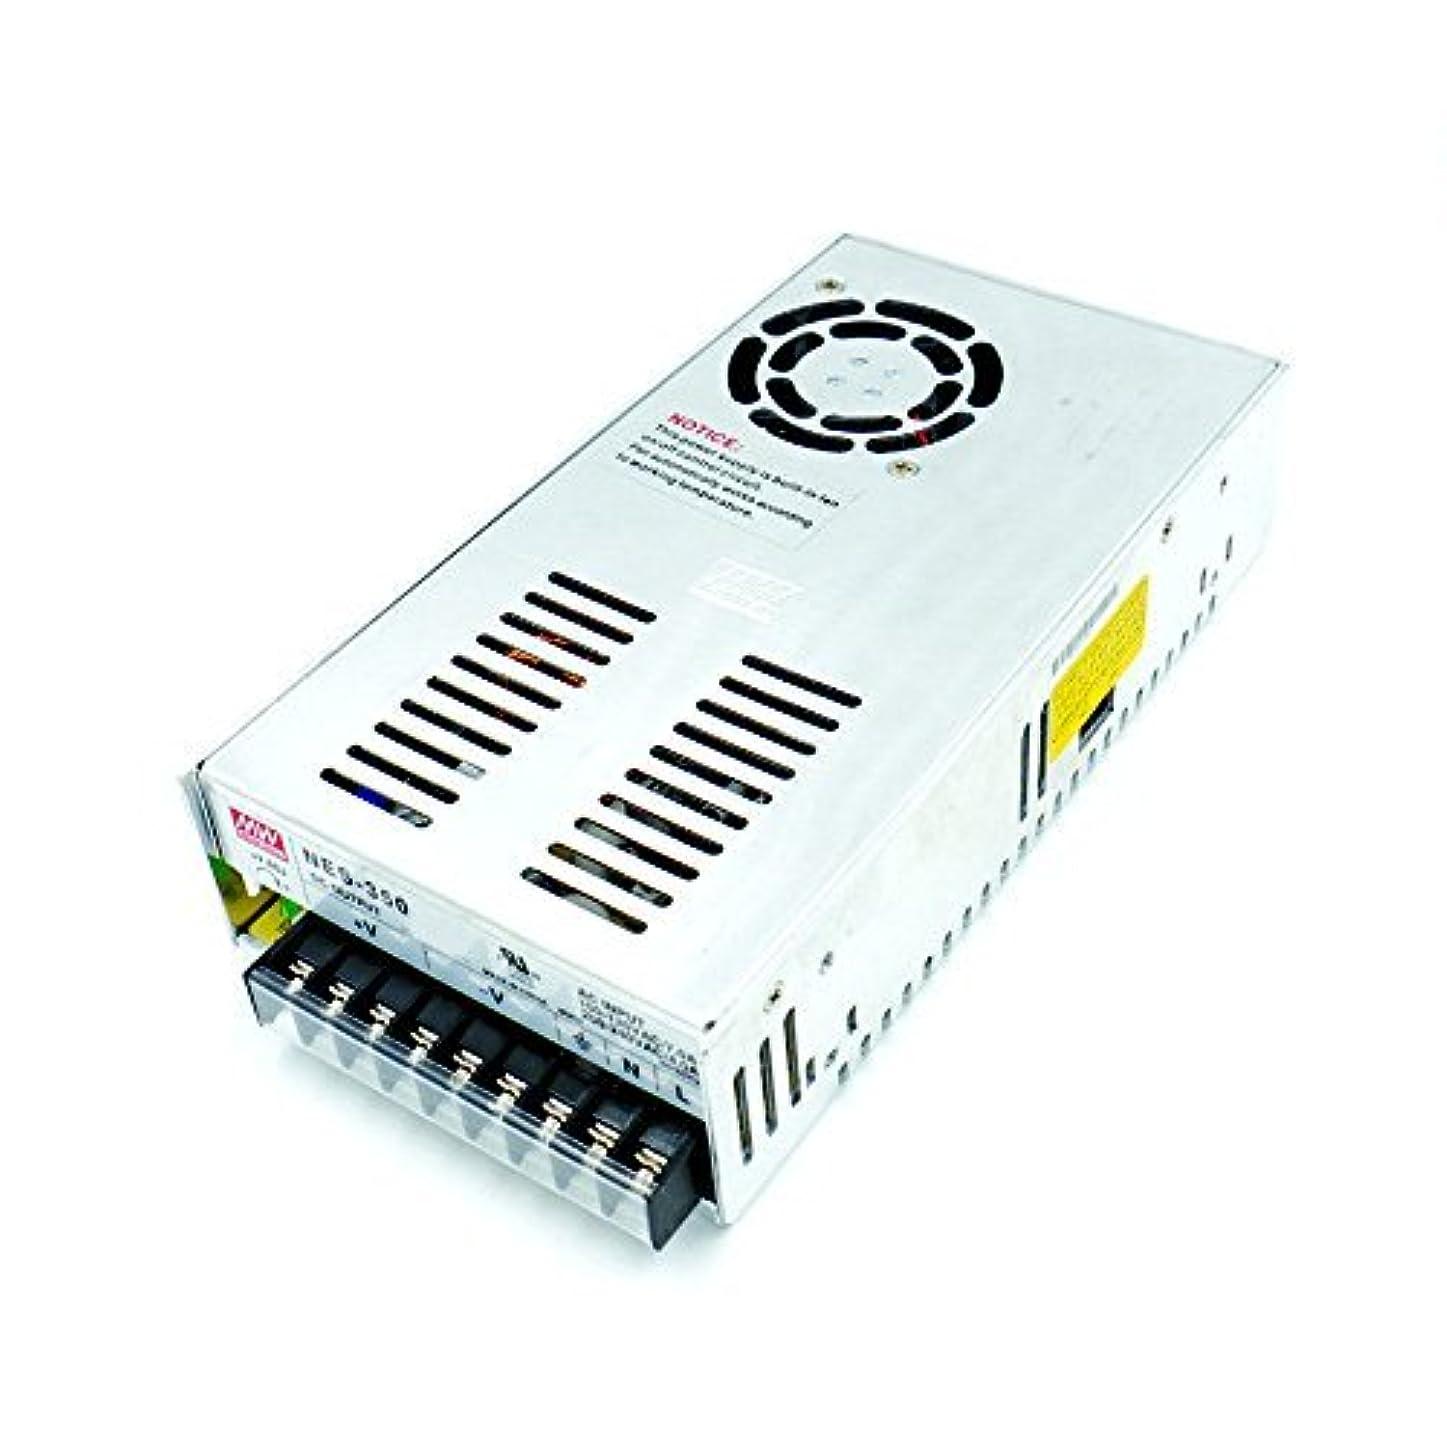 思想フレキシブル課税Baomain Meanwell power supply NES-350-12 12V 150W 29A [並行輸入品]